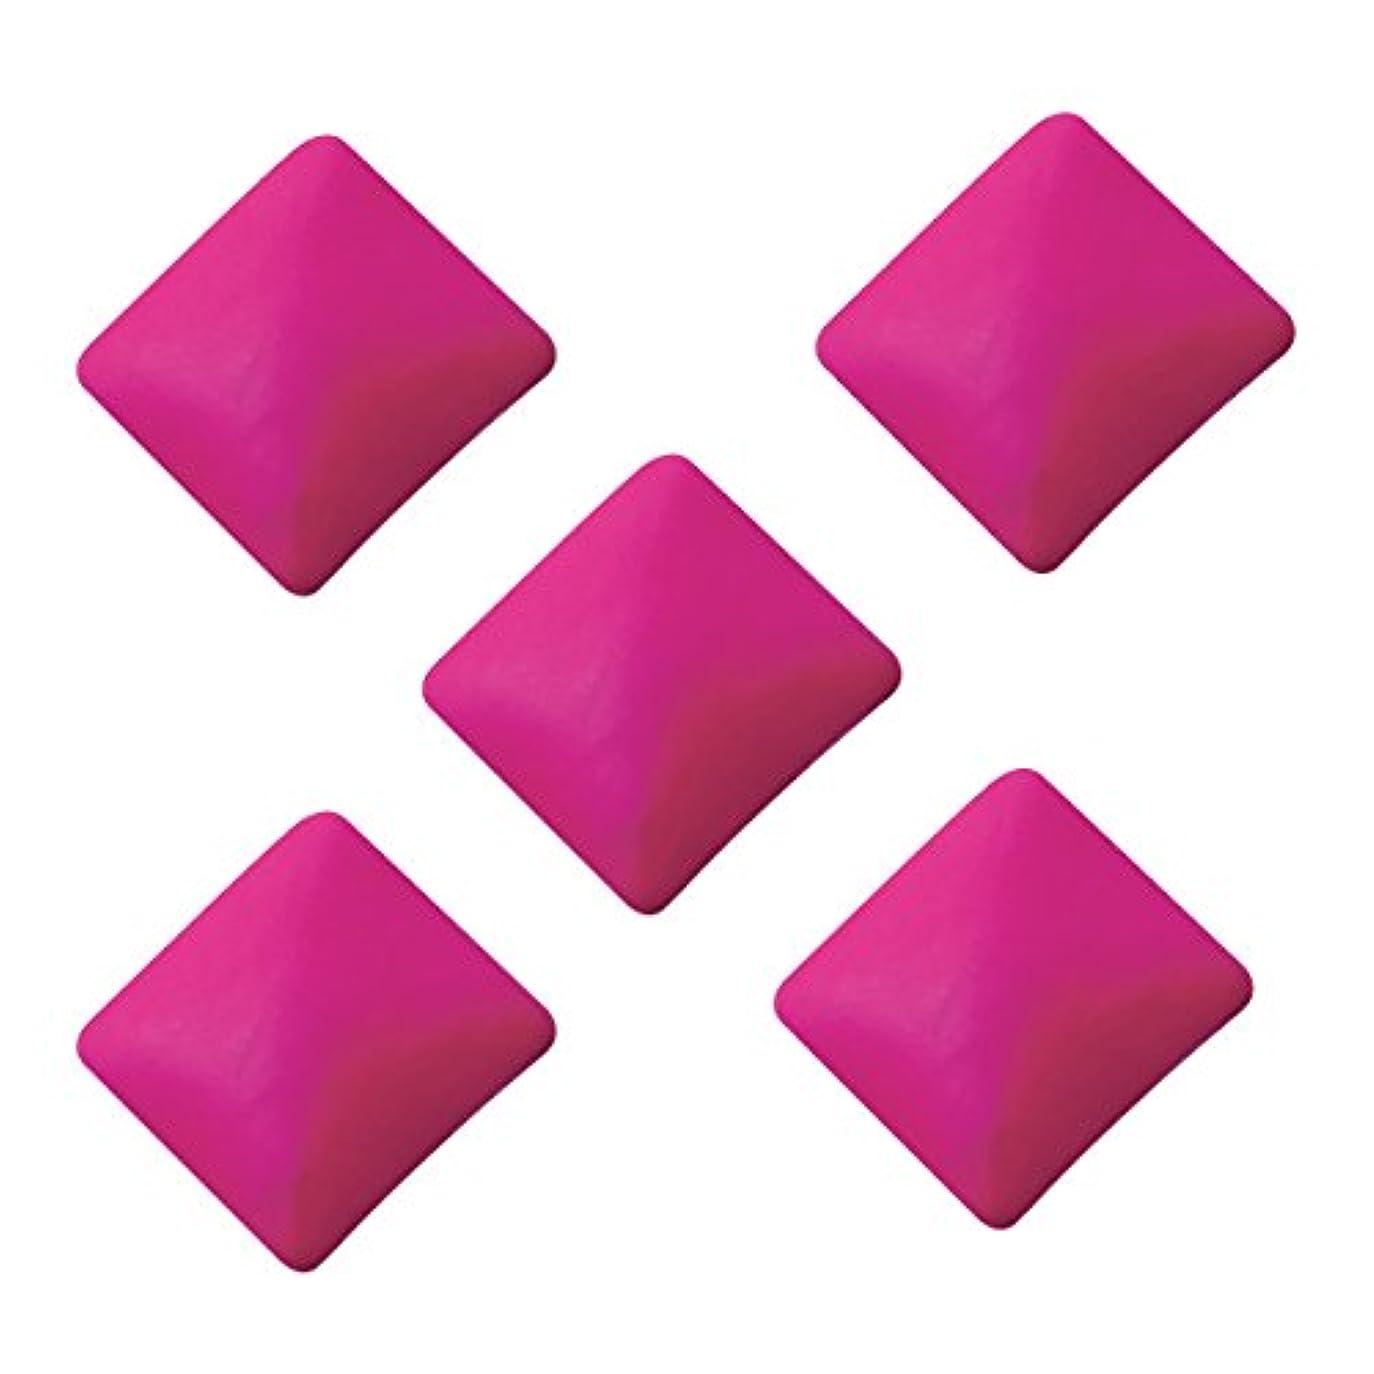 良さもっともらしいディスクネオンスタッズ スクエア 3×3mm(100個入り) ピンク